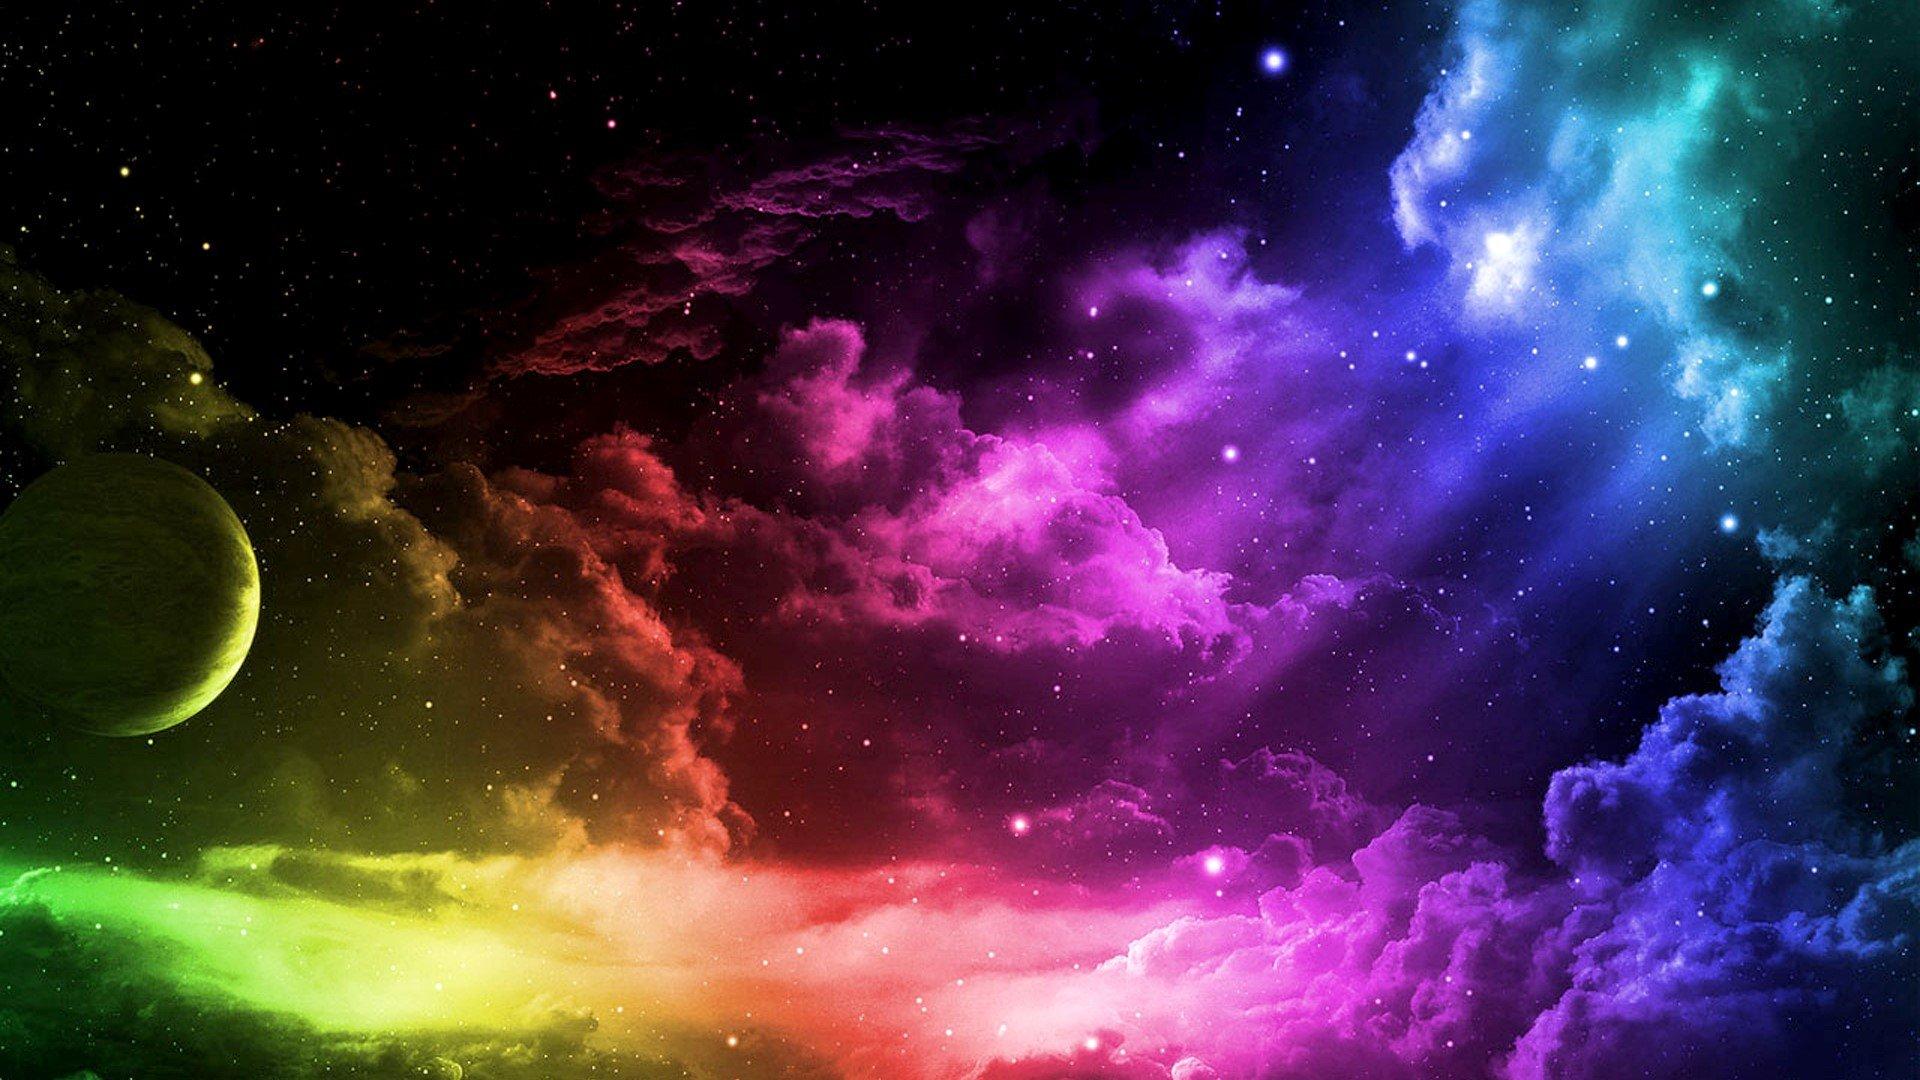 Fondos de pantalla Un universo de colores con nubes